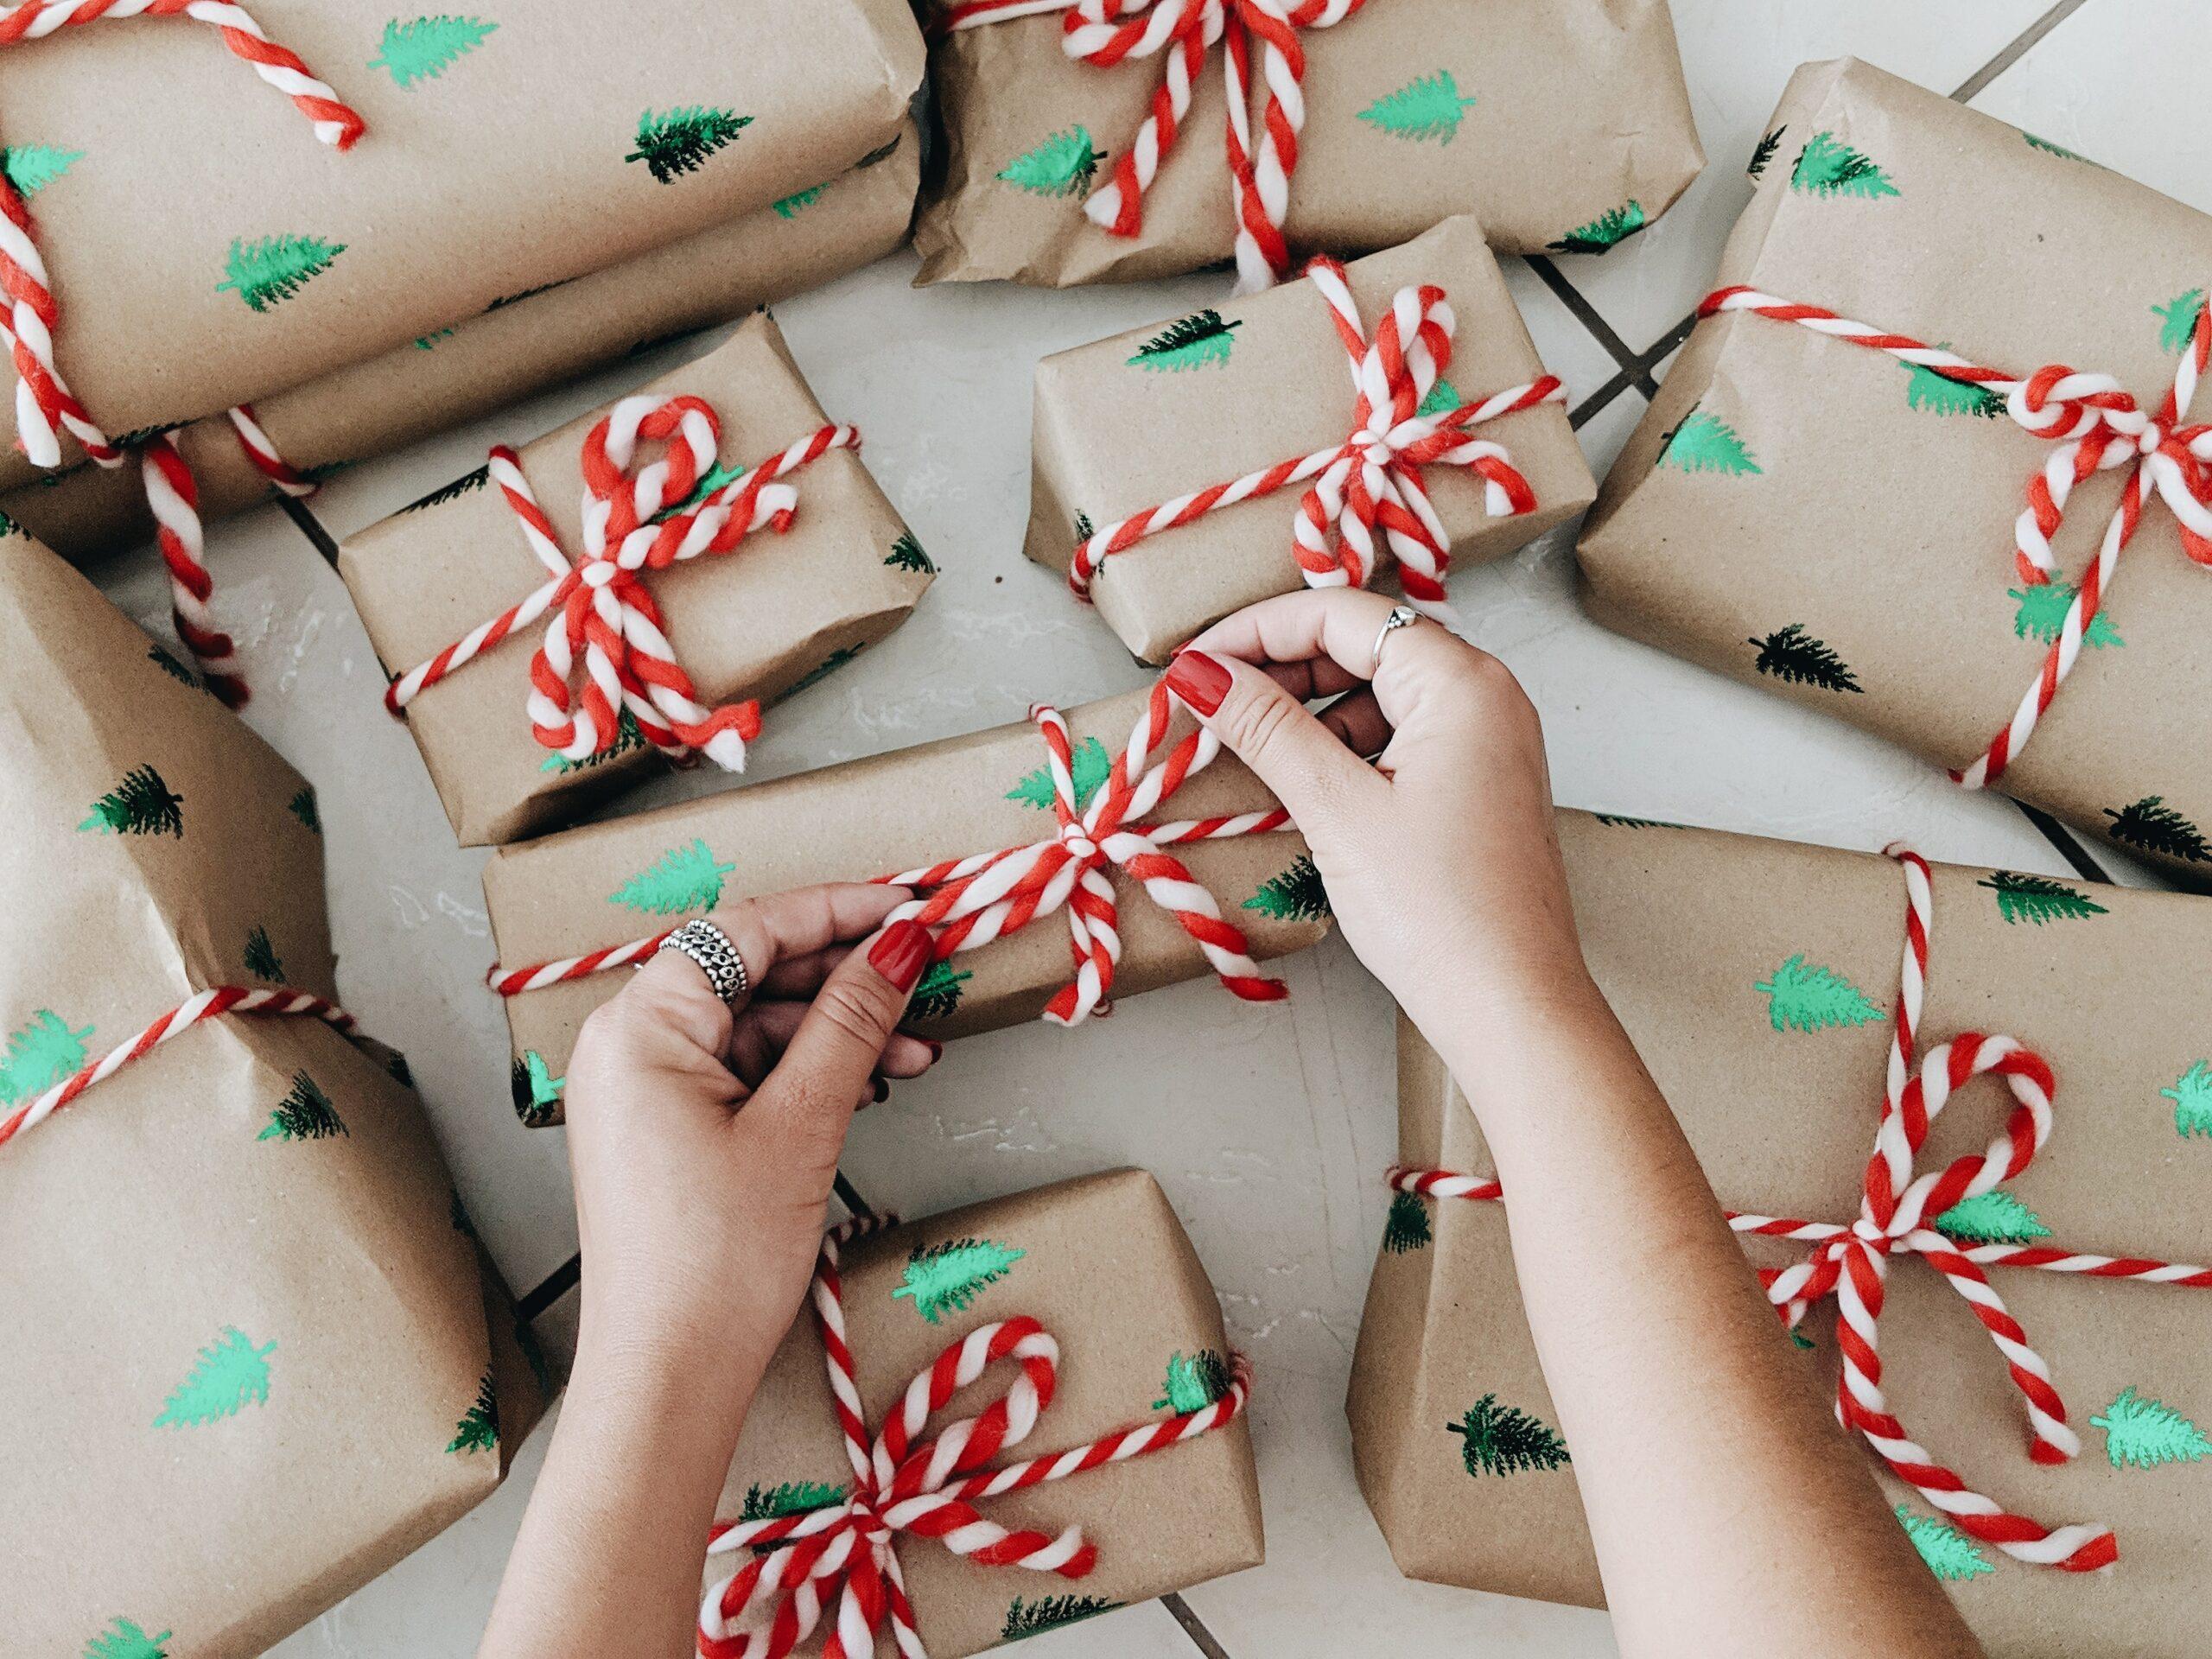 les cadeaux de Noël 2020